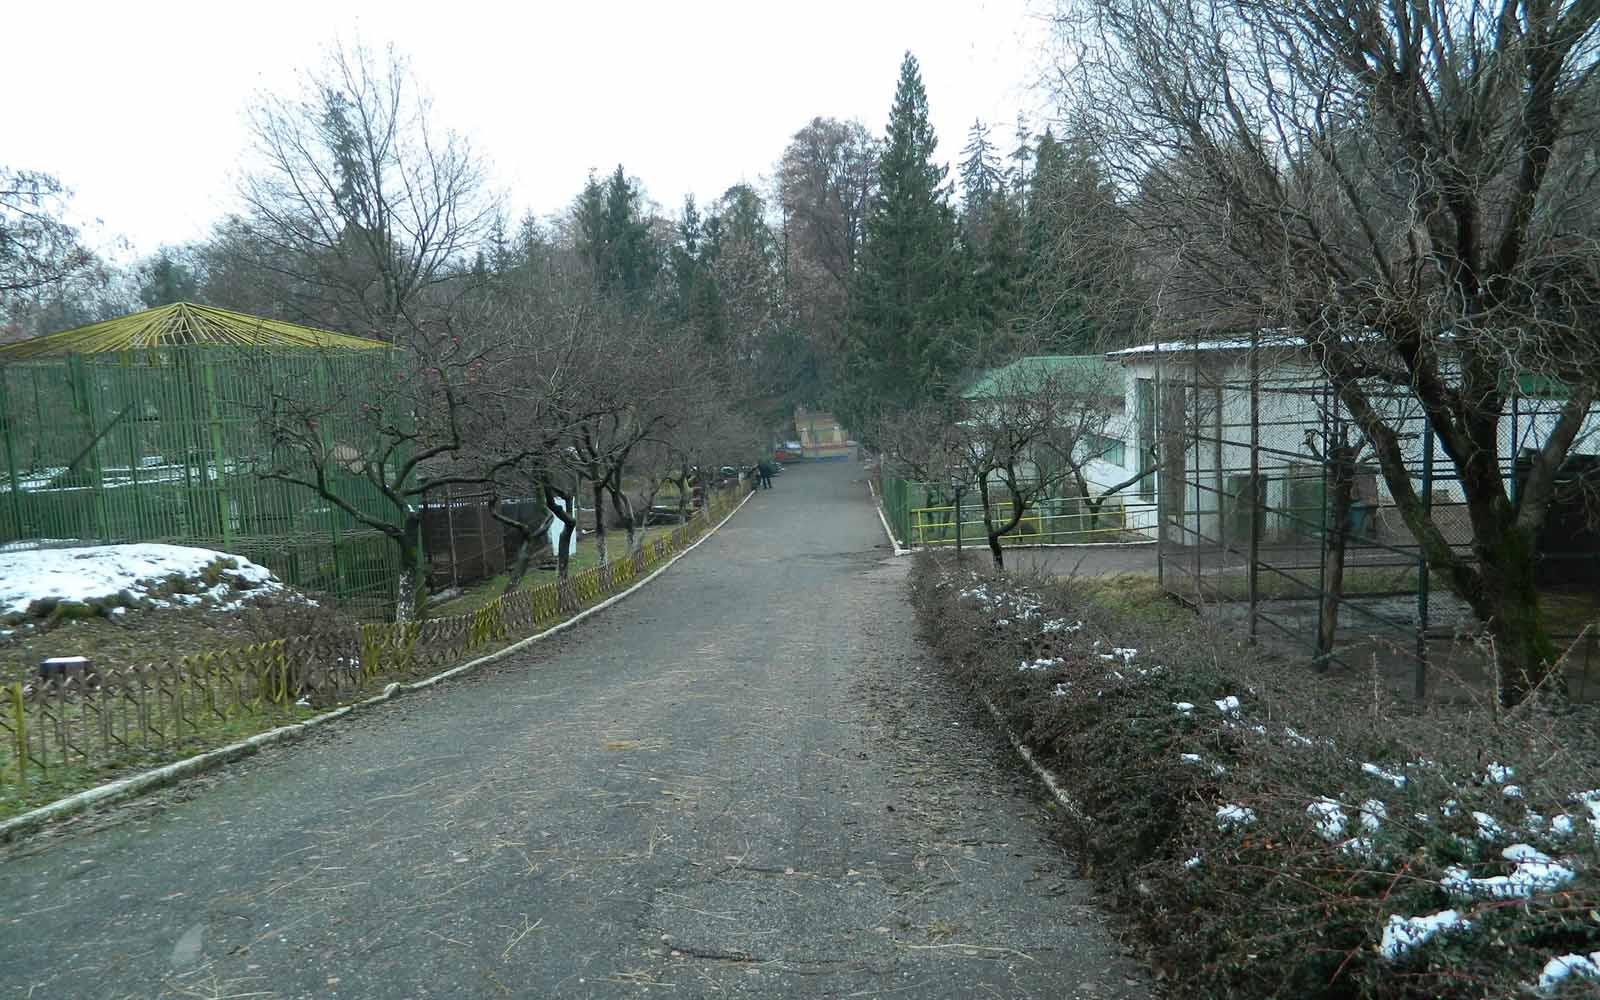 http://2.bp.blogspot.com/-k3t4nbX5gak/UDXC-r6oNtI/AAAAAAAAAhk/Qi9EukZAxMc/s1600/zoo-baia-mare.jpg